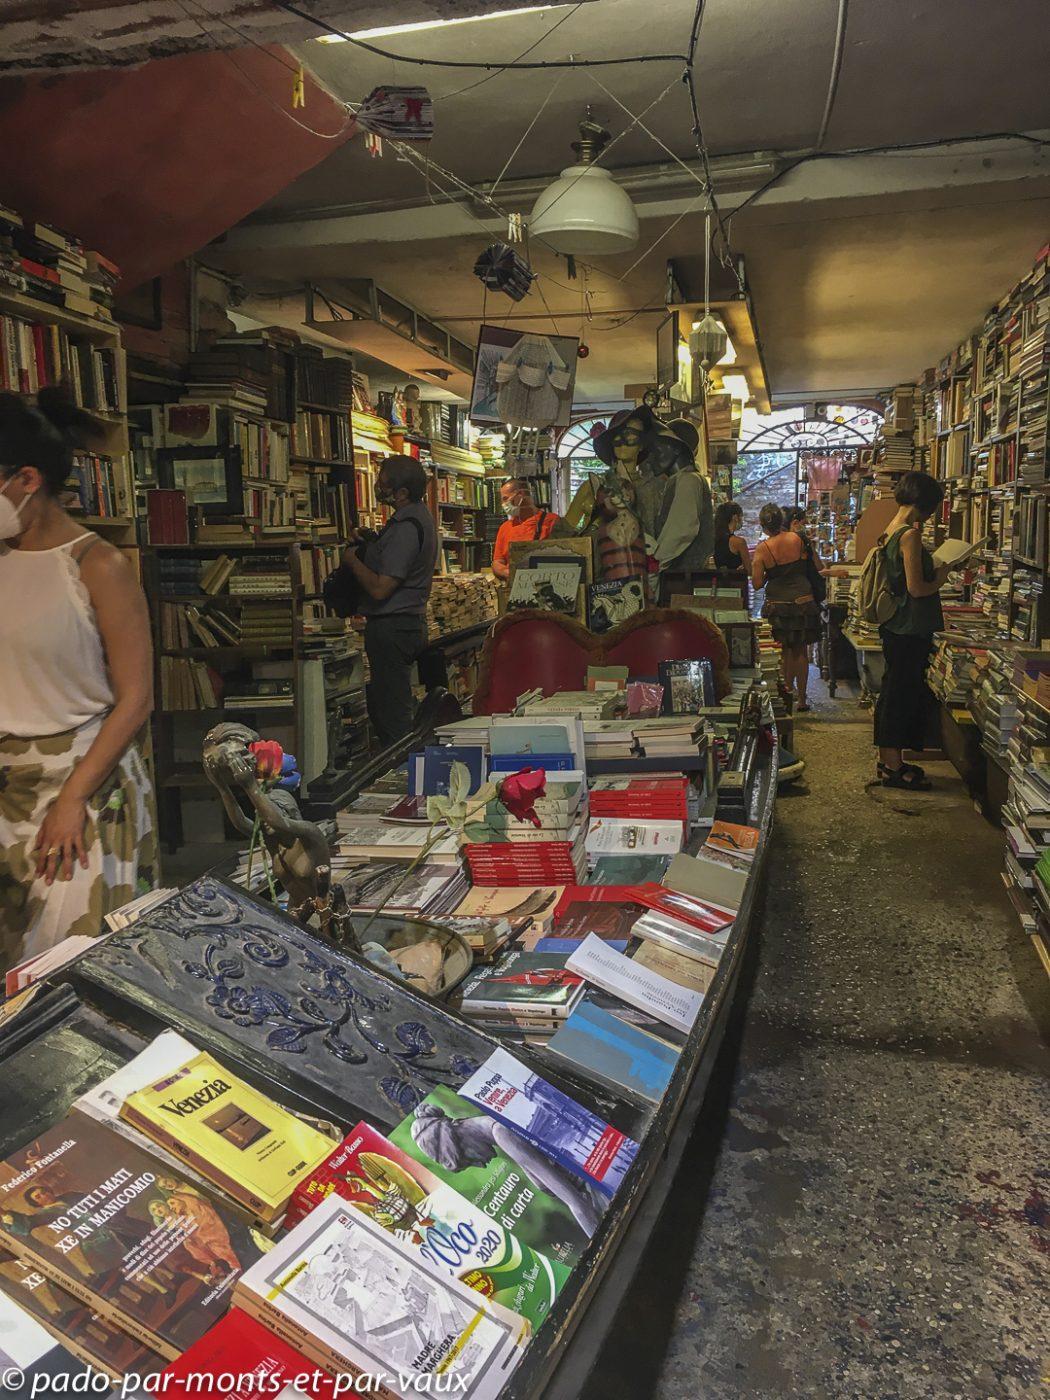 Venise - librairie Aqua Alta